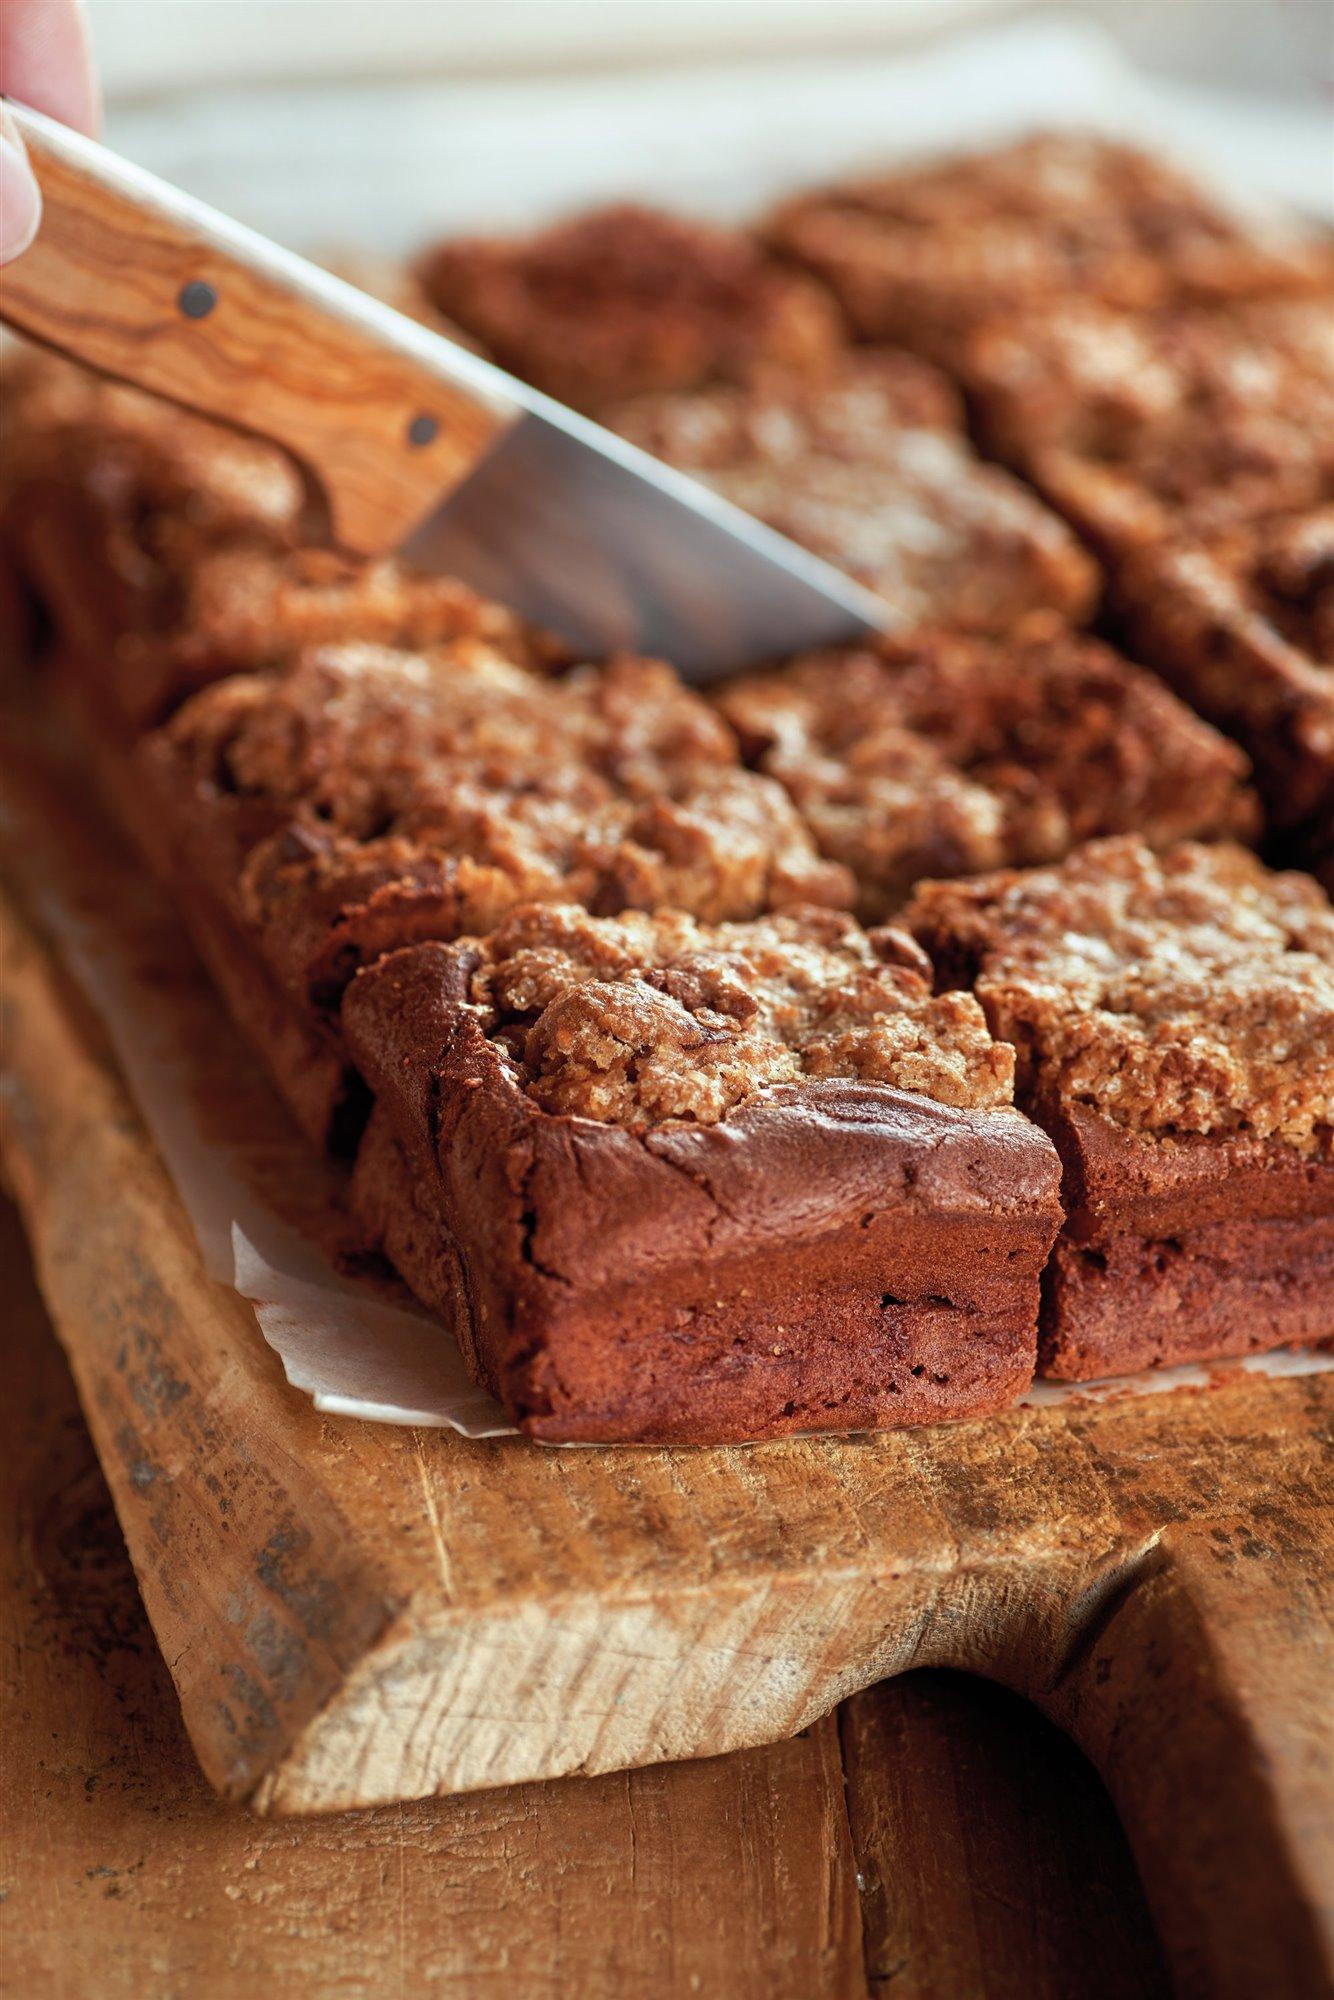 7. Cuece el brownie y corta en porciones